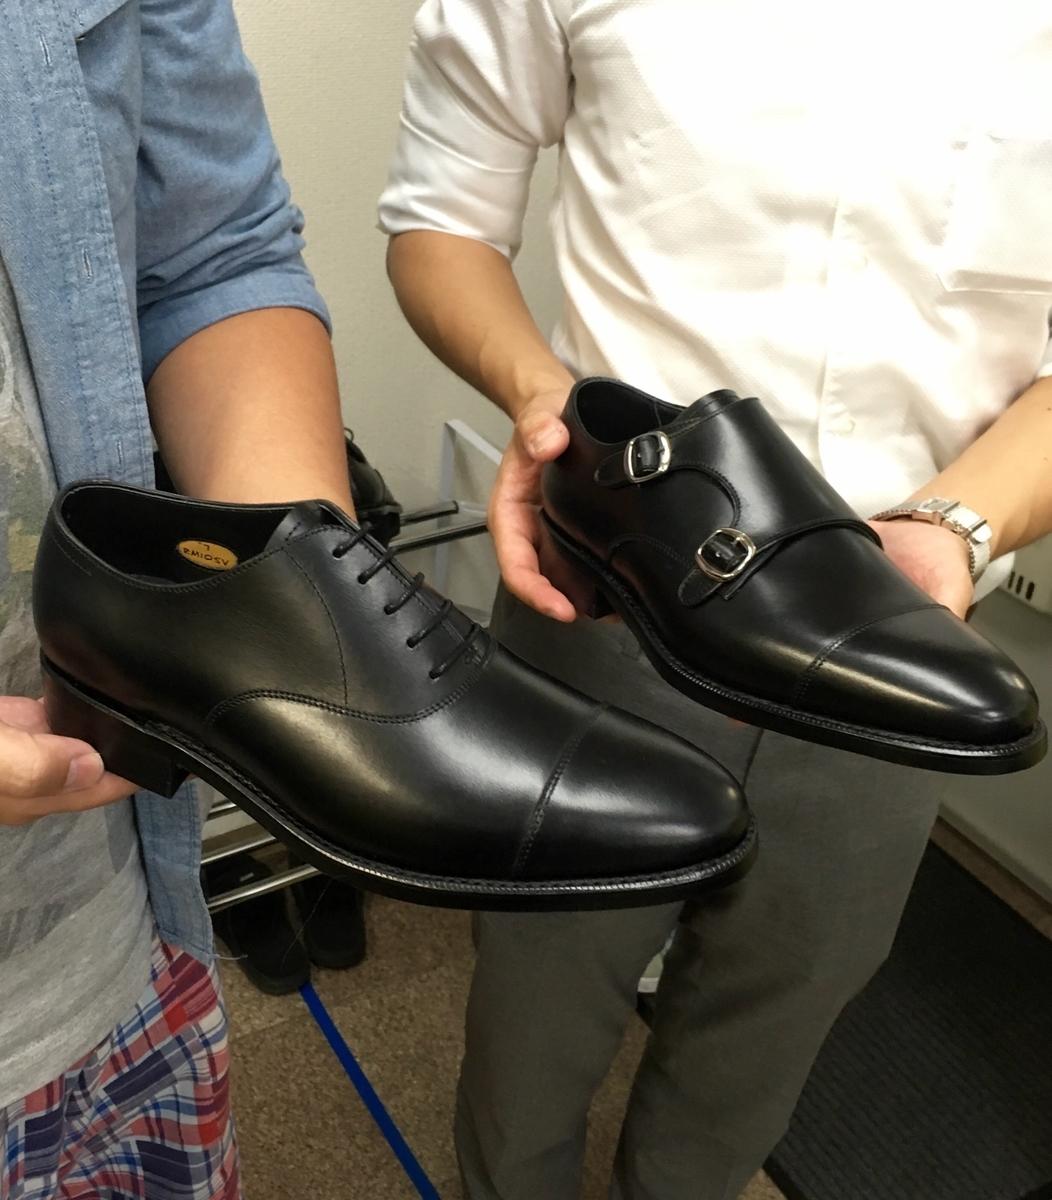 f:id:raymar-shoes:20190730220511j:plain